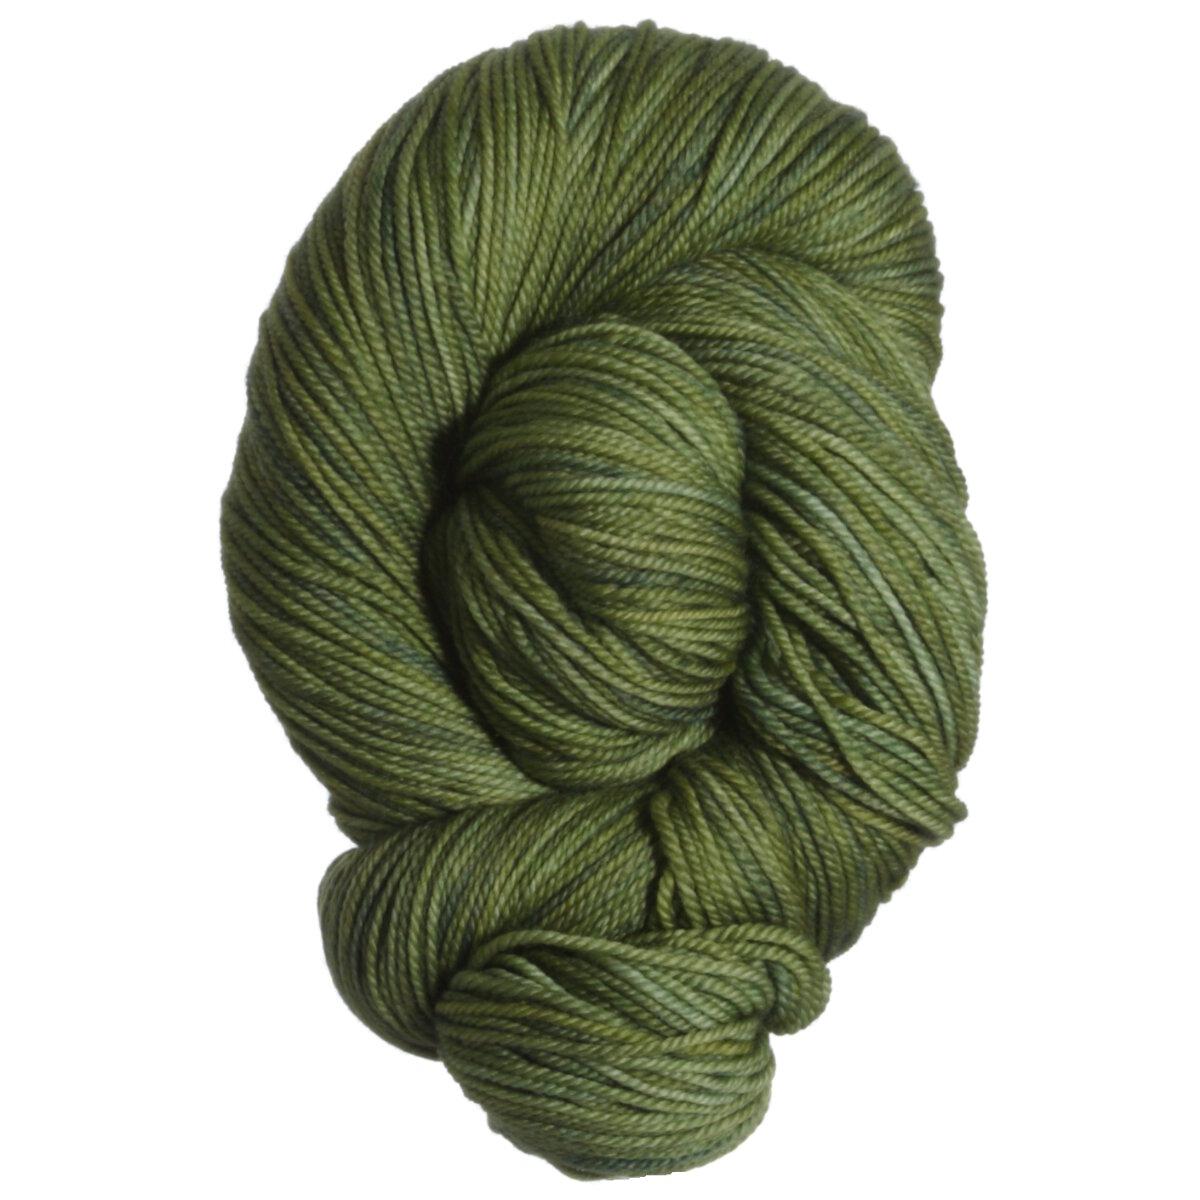 Squishy Yarn : Anzula Squishy Yarn - Spruce Detailed Description at Jimmy Beans Wool